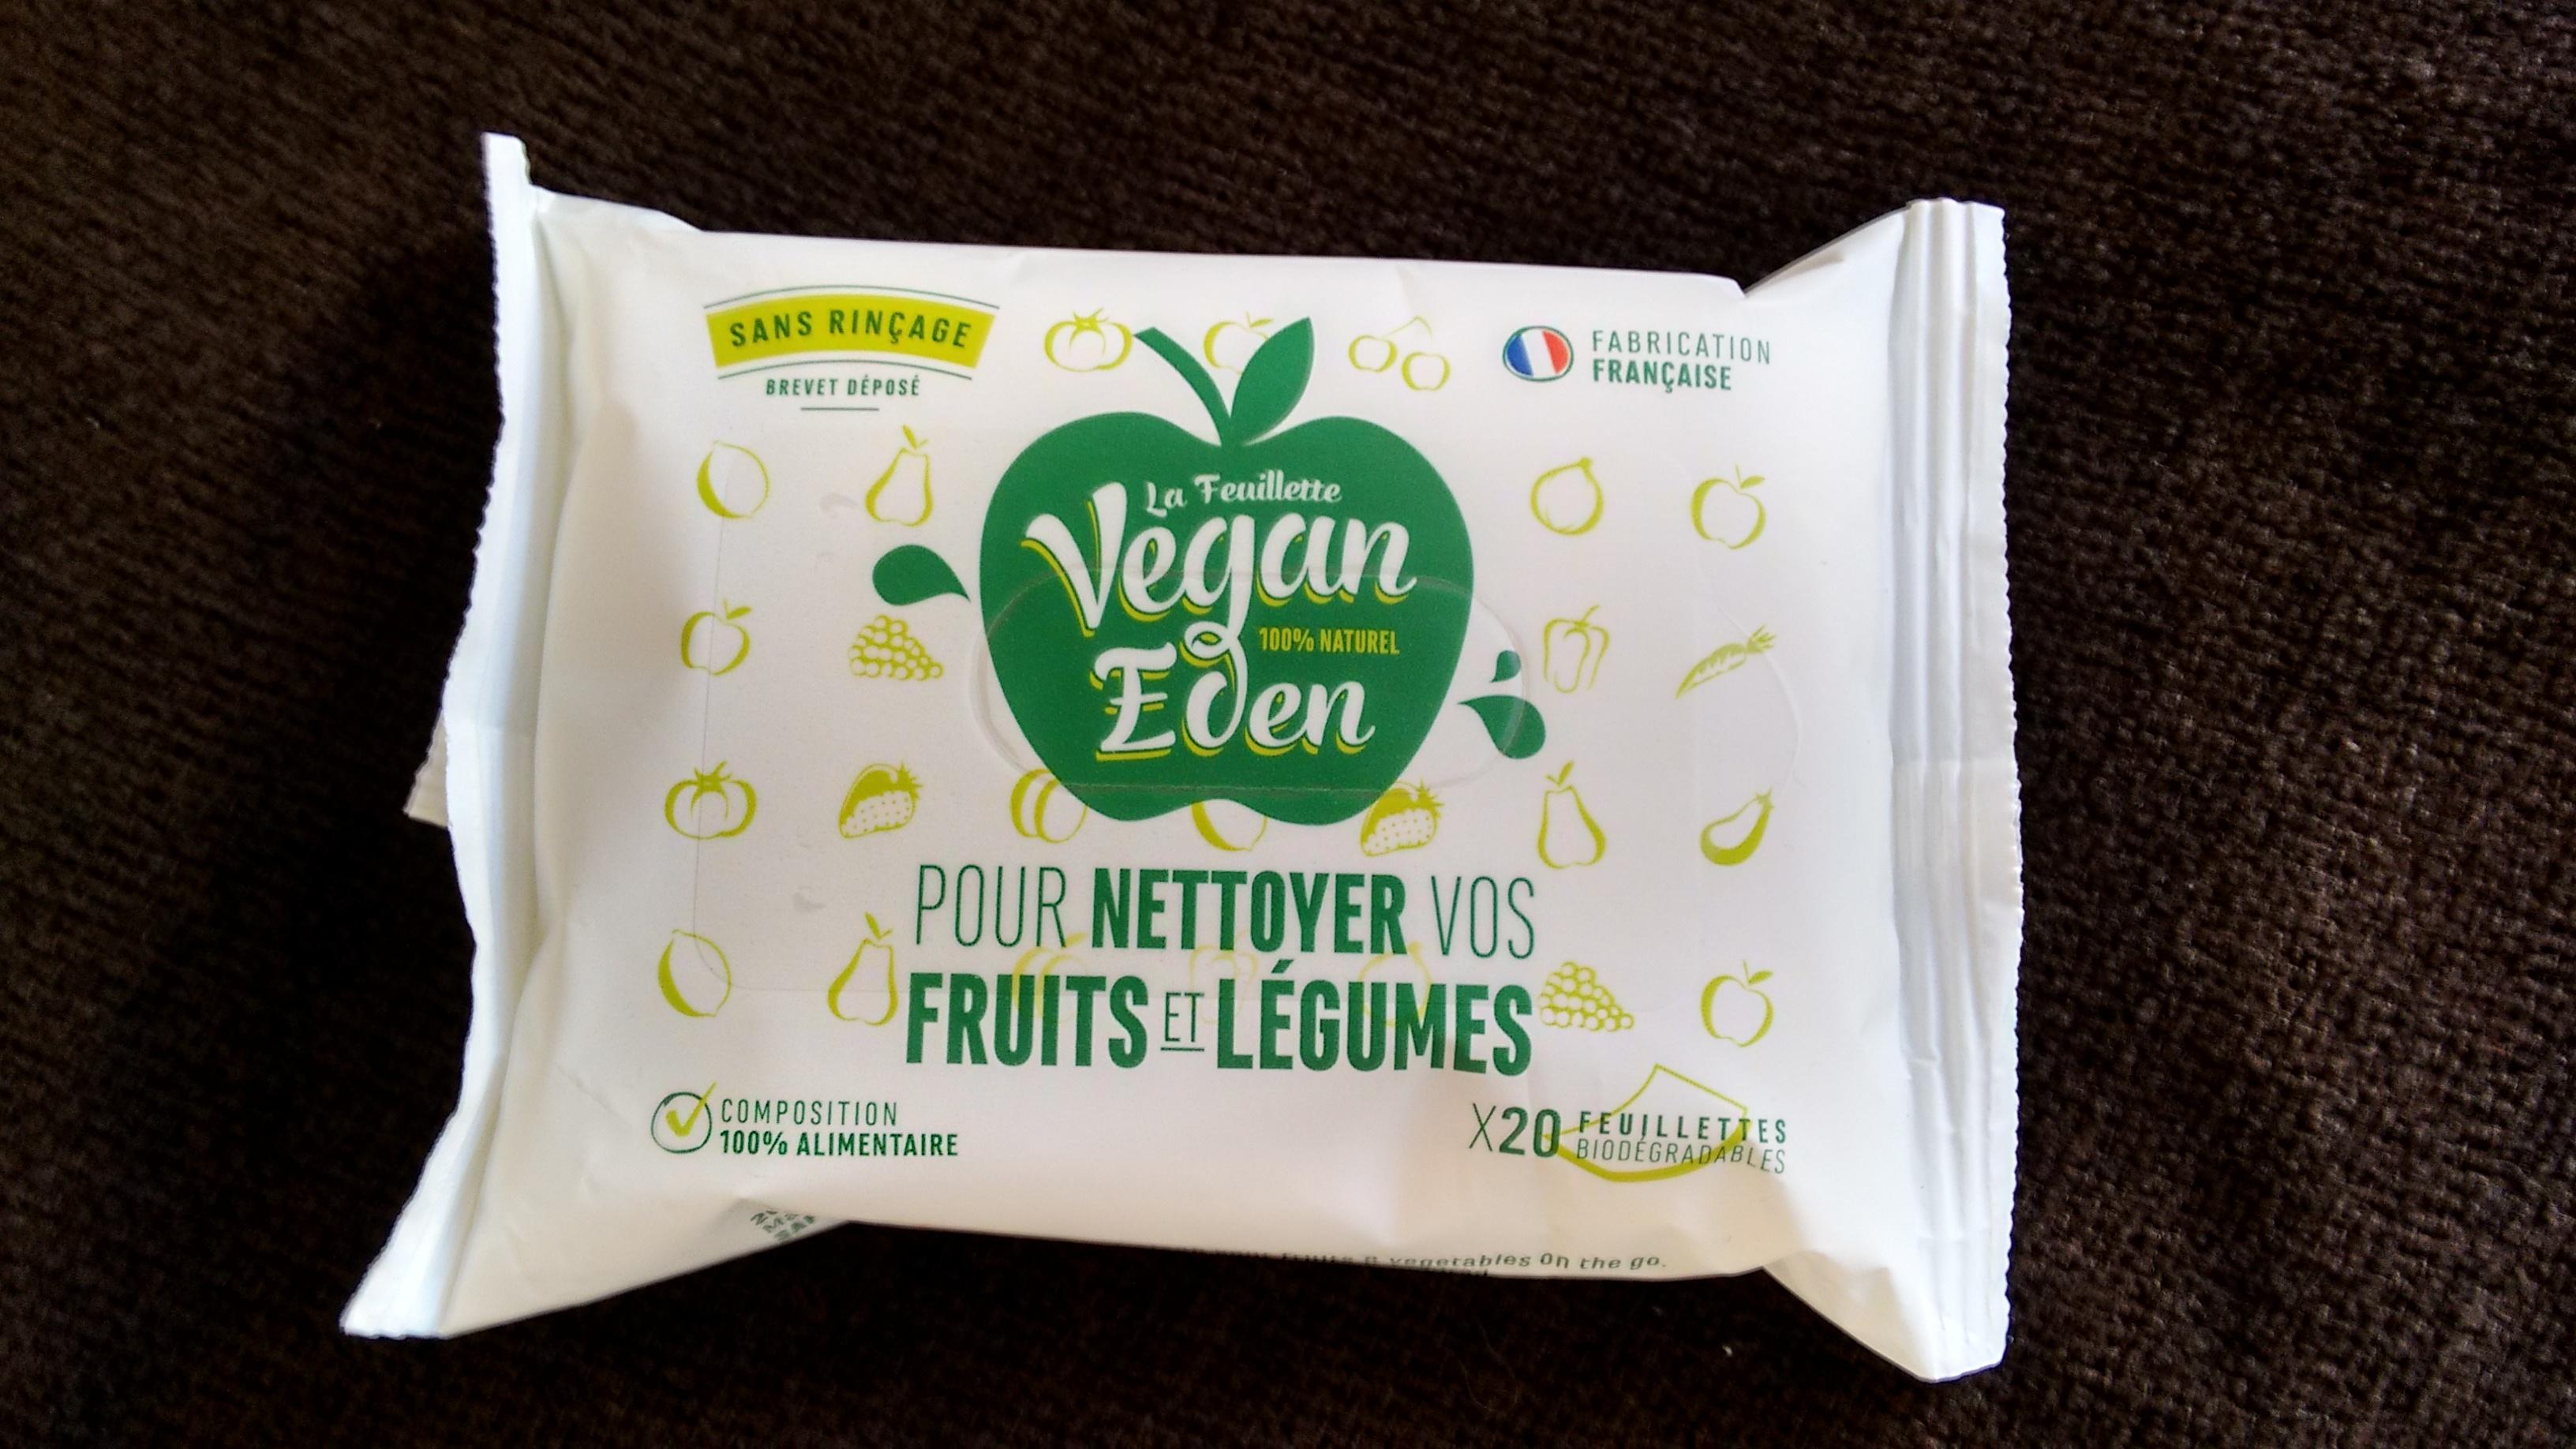 vegan eden les lingettes 100 naturelles pour nettoyer ses fruits. Black Bedroom Furniture Sets. Home Design Ideas